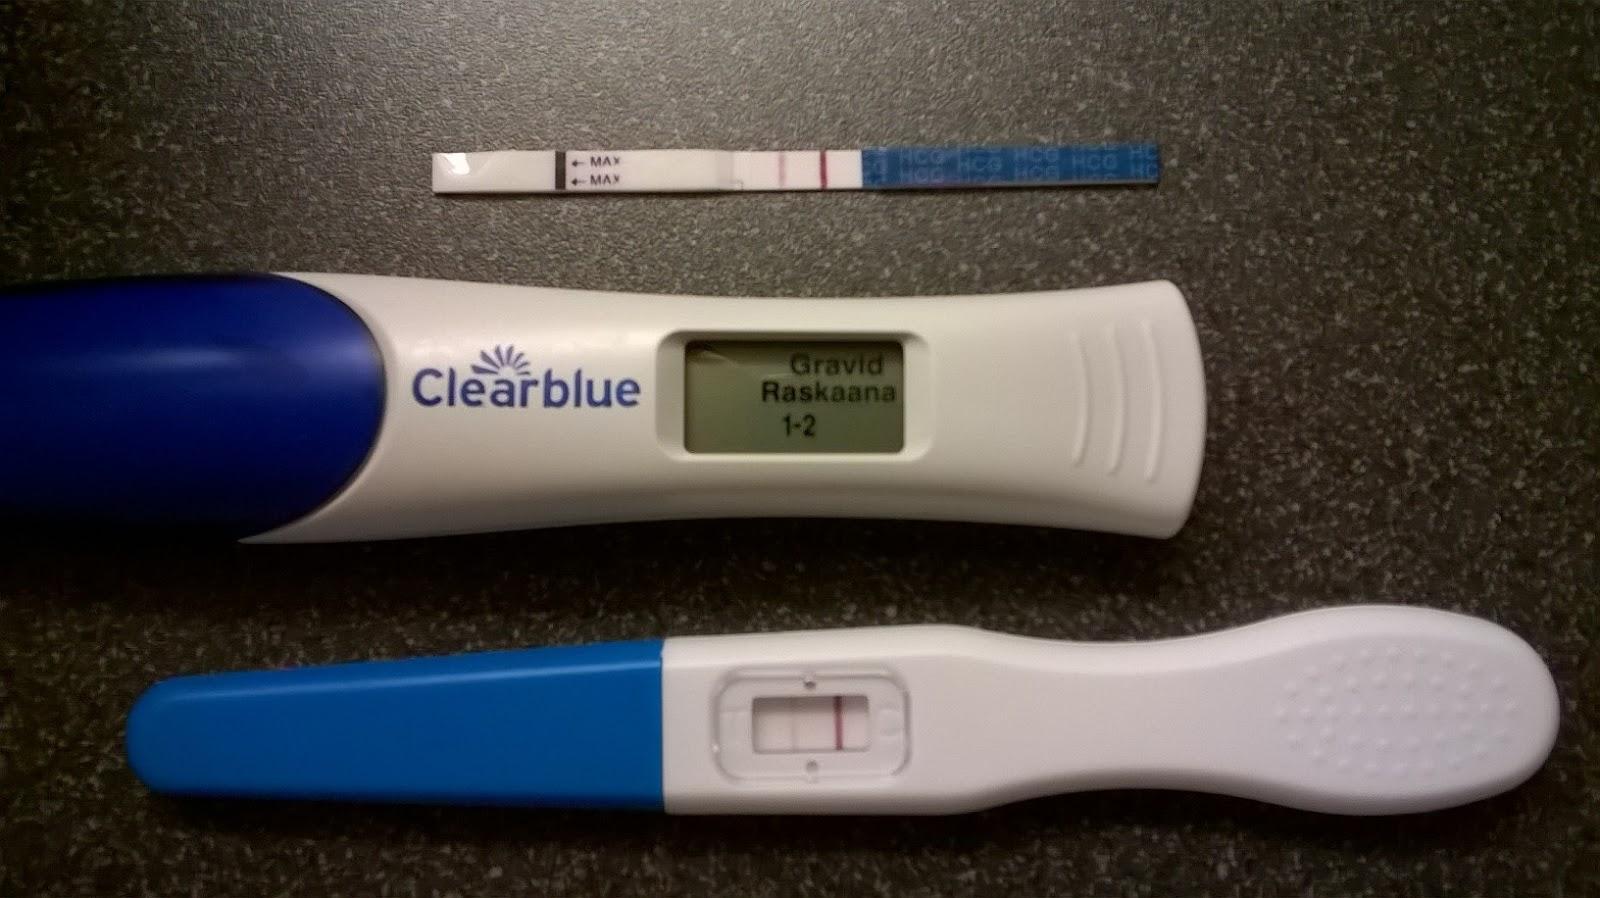 positiivinen raskaustesti aikaisintaan